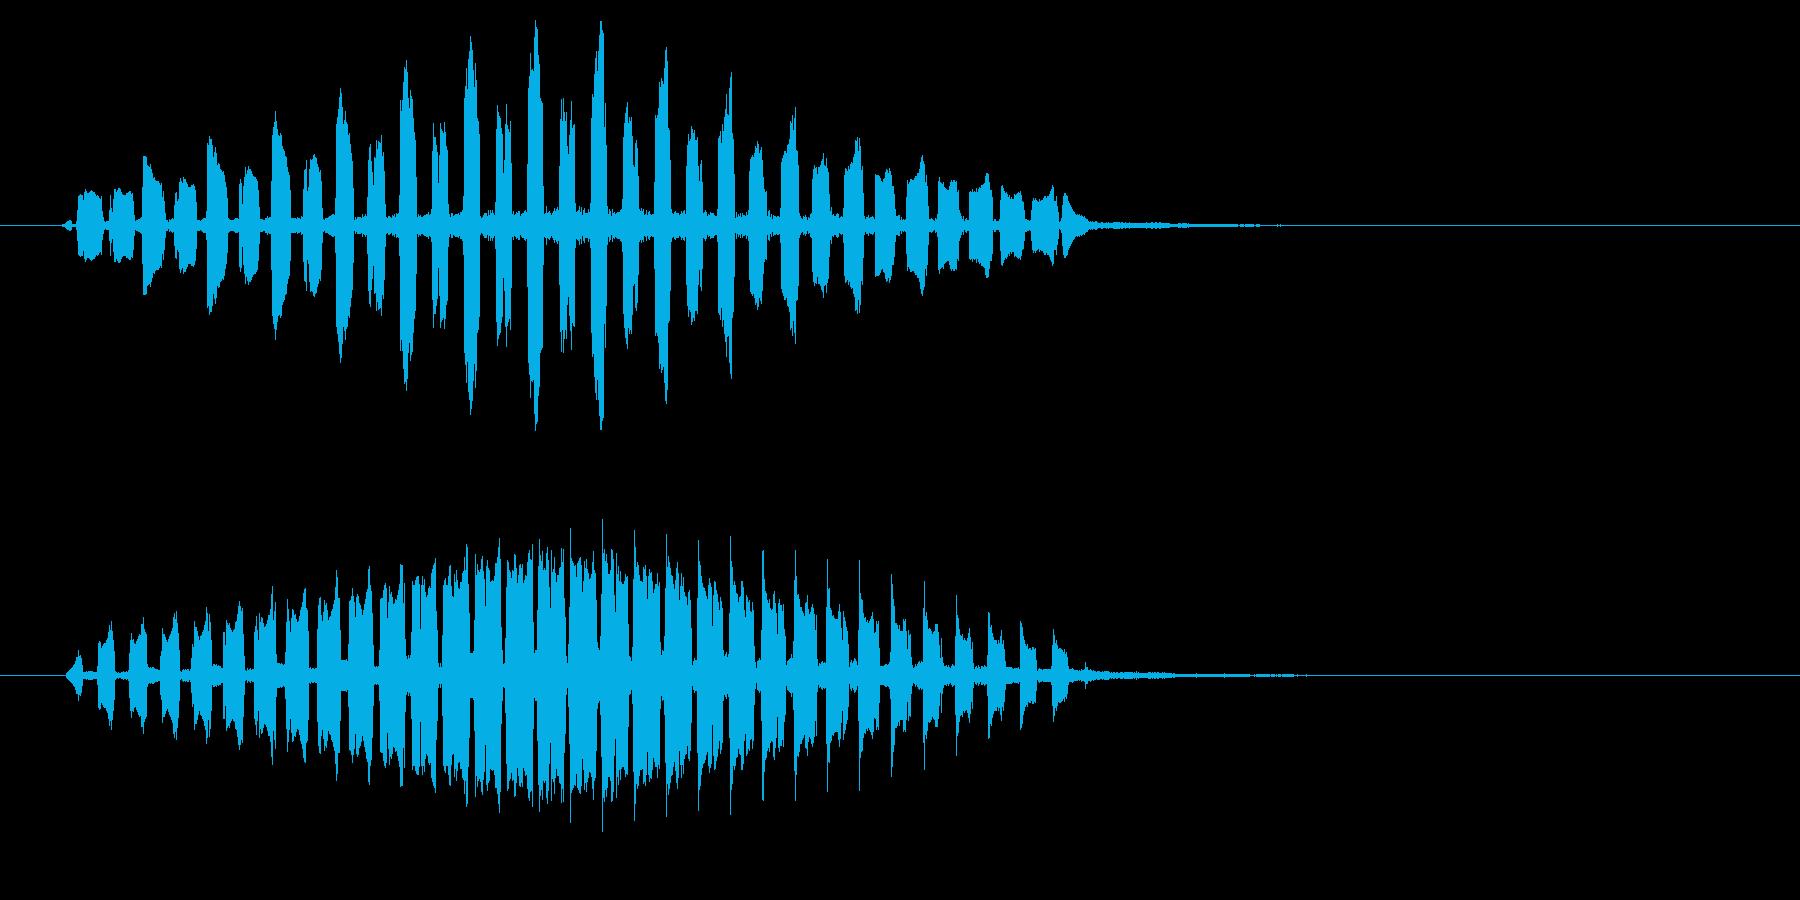 ピの連音(警報音、警戒音)の再生済みの波形